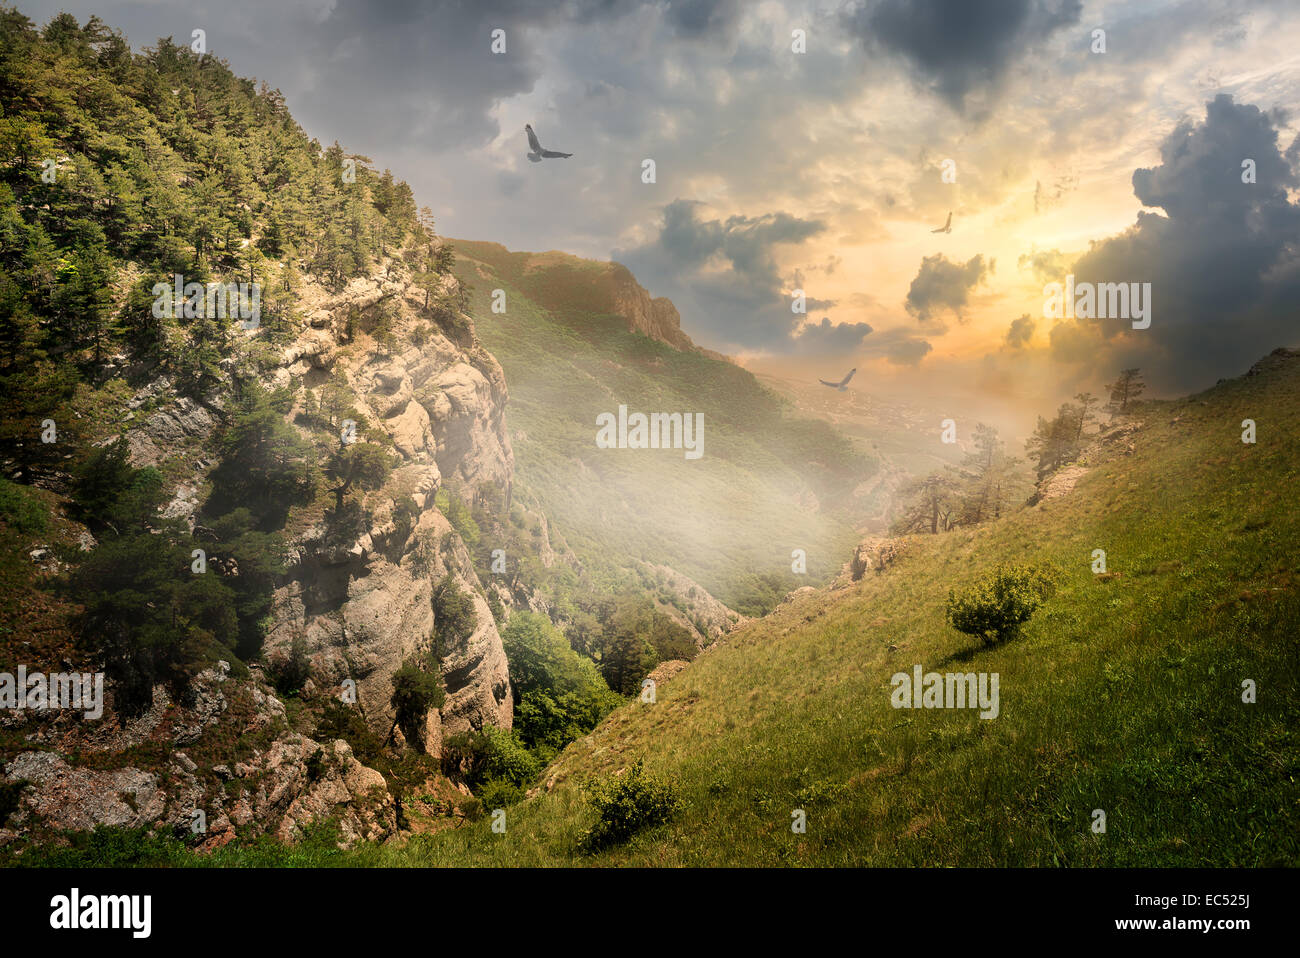 Vögel über Felsen und Nebel bei Sonnenaufgang Stockbild